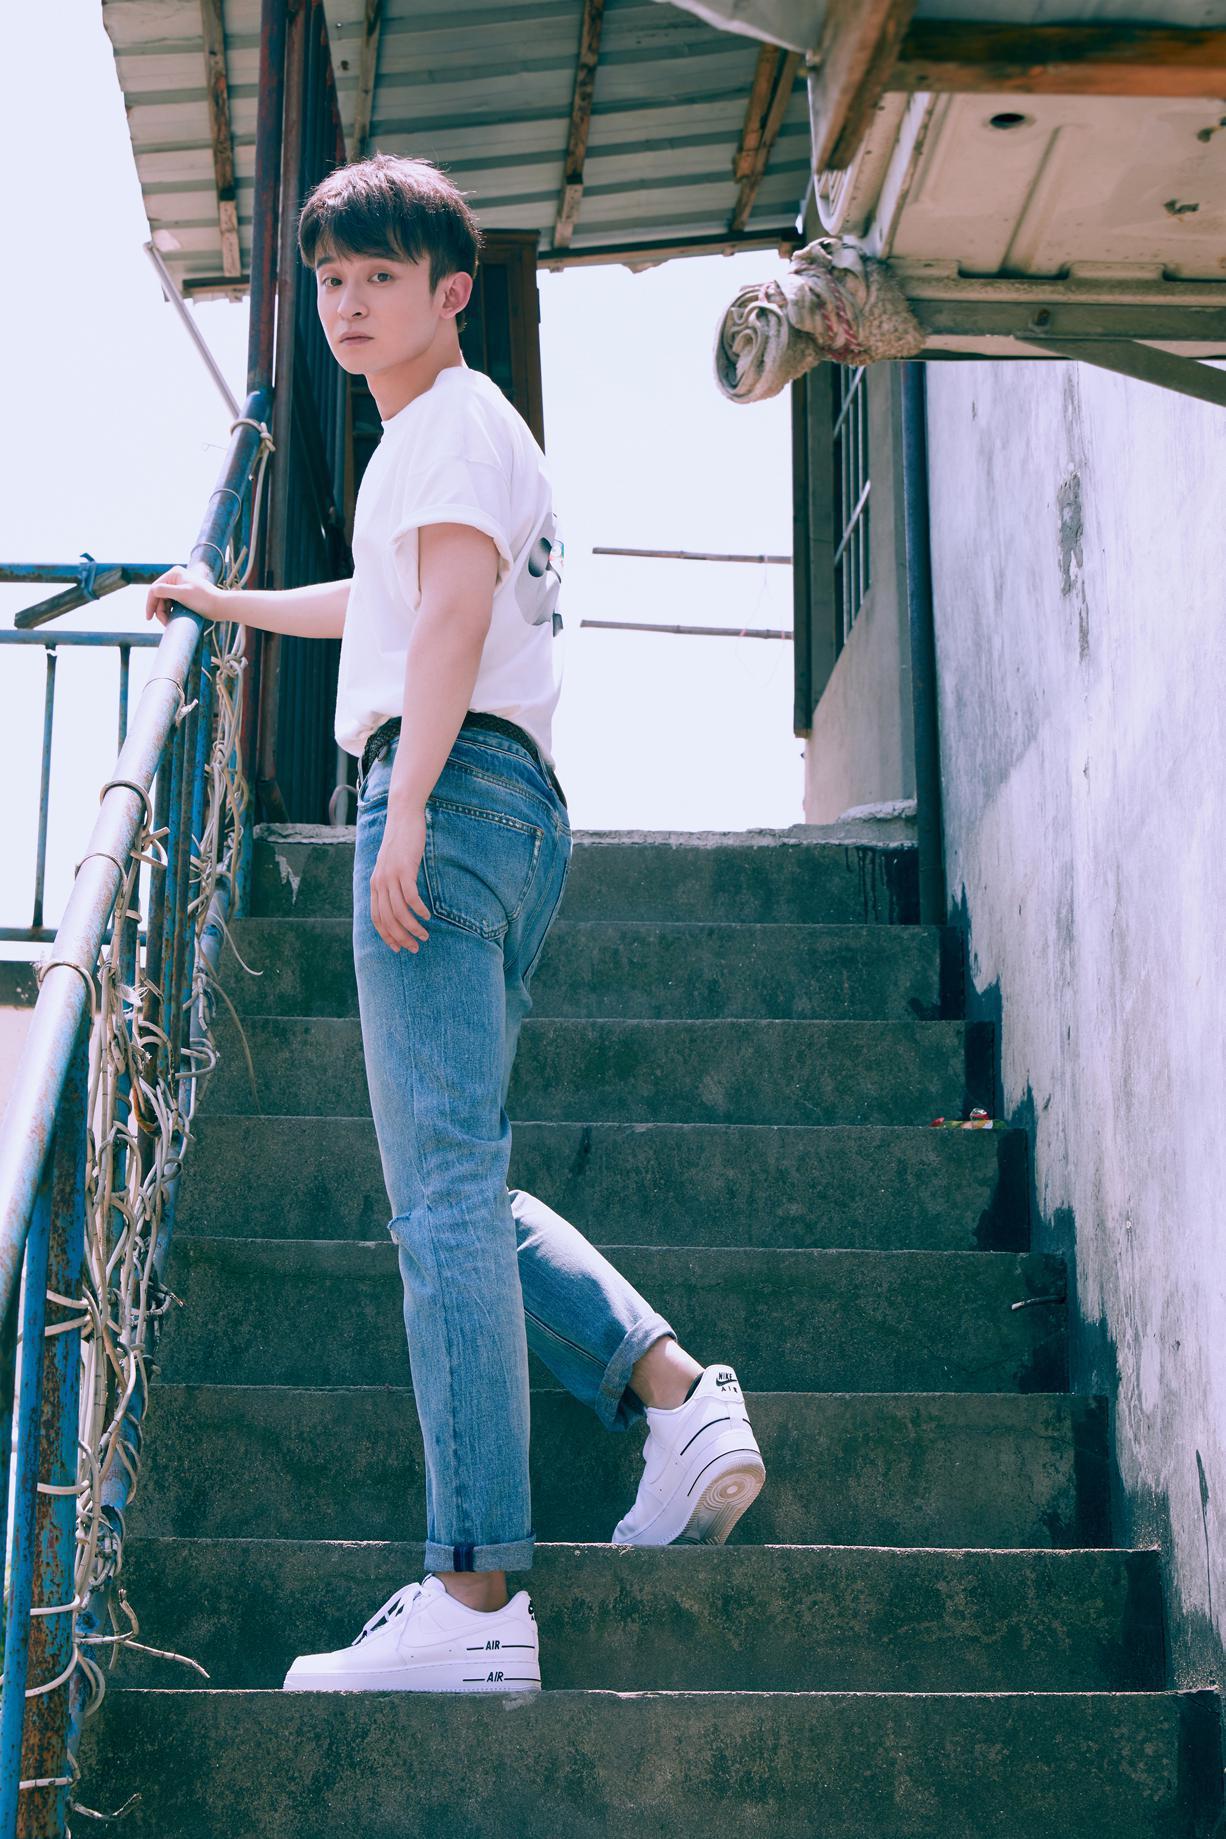 董子健胶片风写真曝光,白色T恤搭配水蓝牛仔裤干净清爽……